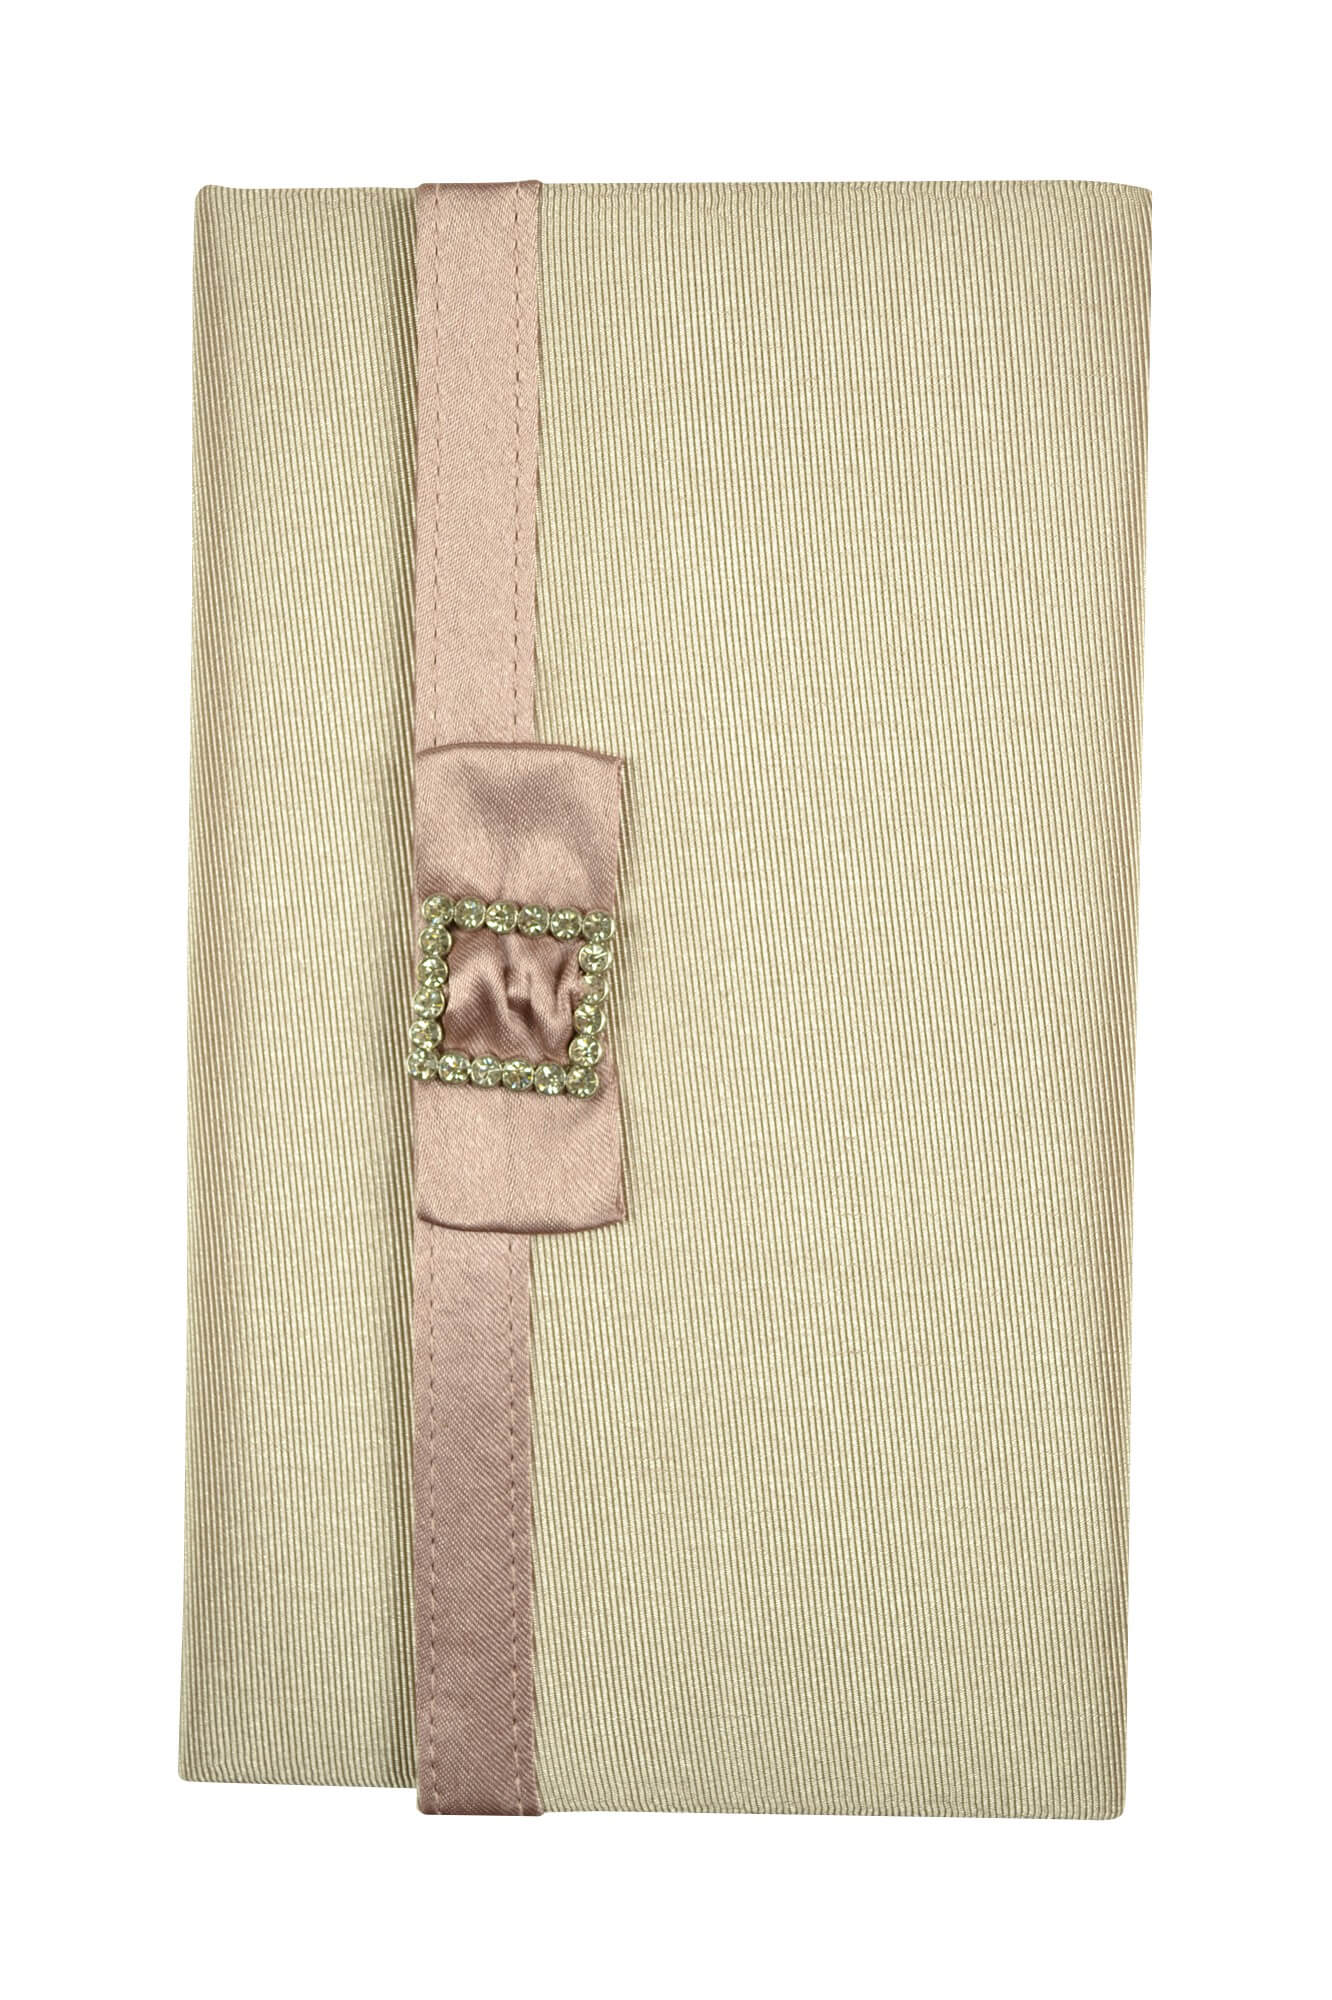 バサージュ ミニョン(passage mignon) ピンクシンプルクリスタル袱紗